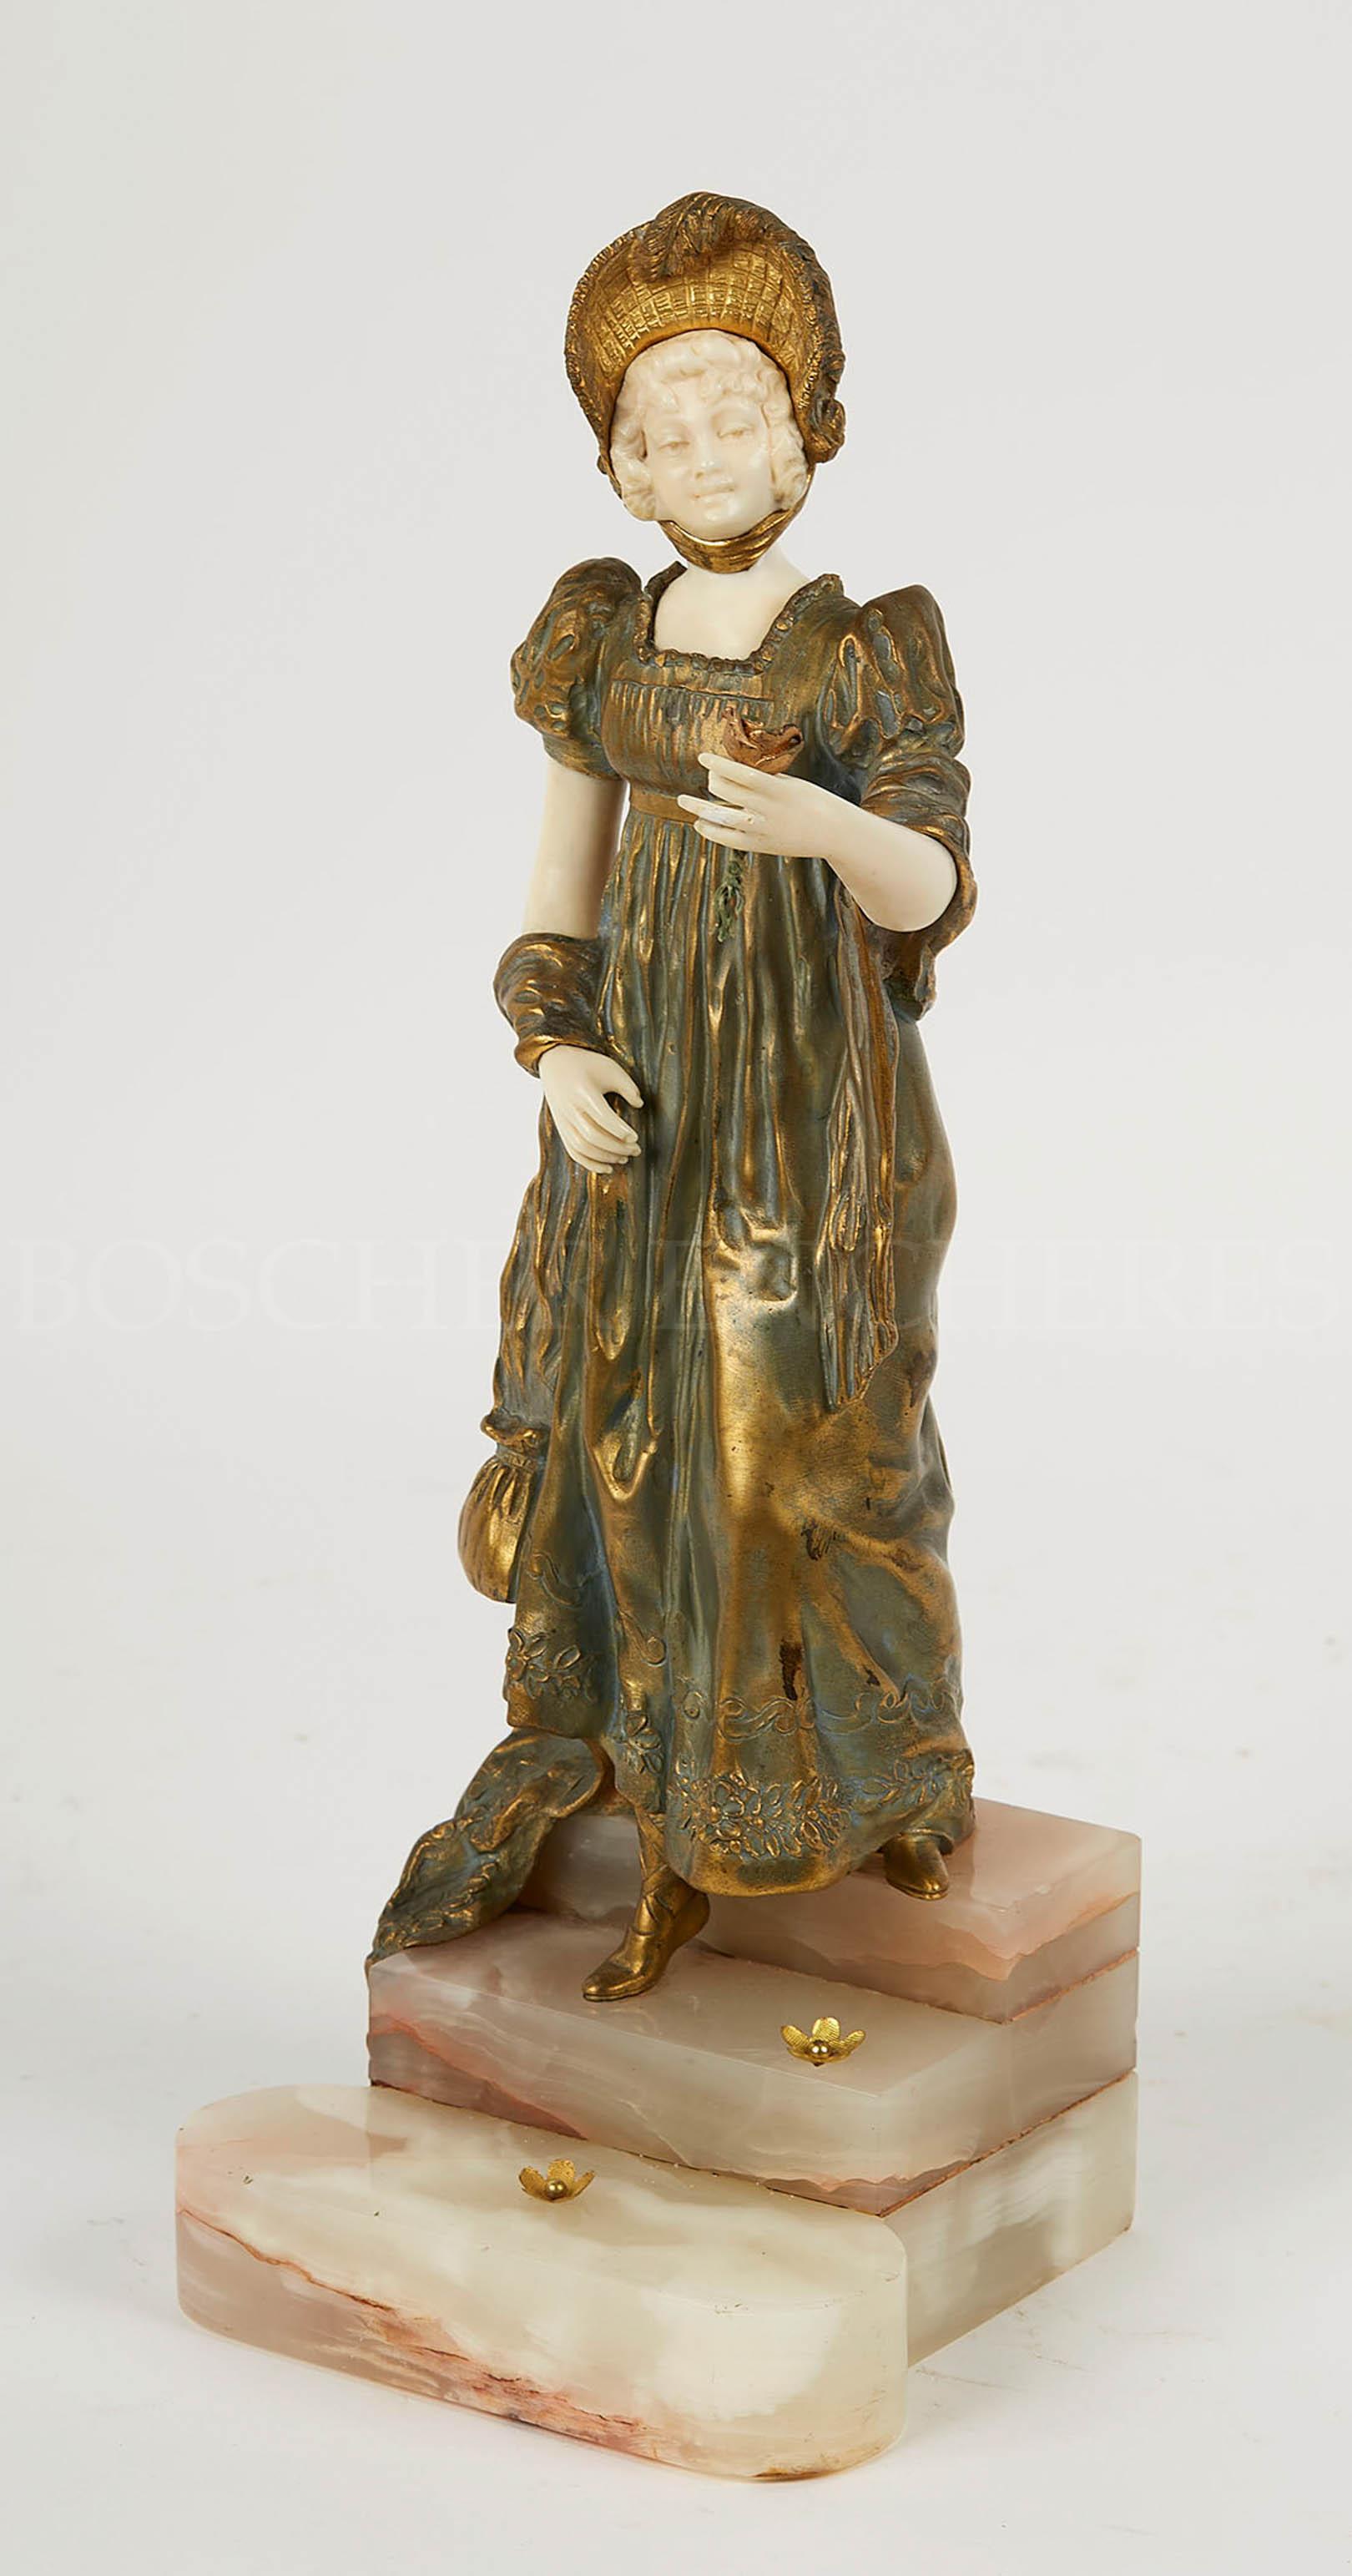 Vente Vente d'objets d'art, d'étains, de bijoux, d'argenterie, de mobilier et de tapis. chez Boscher : 649 lots